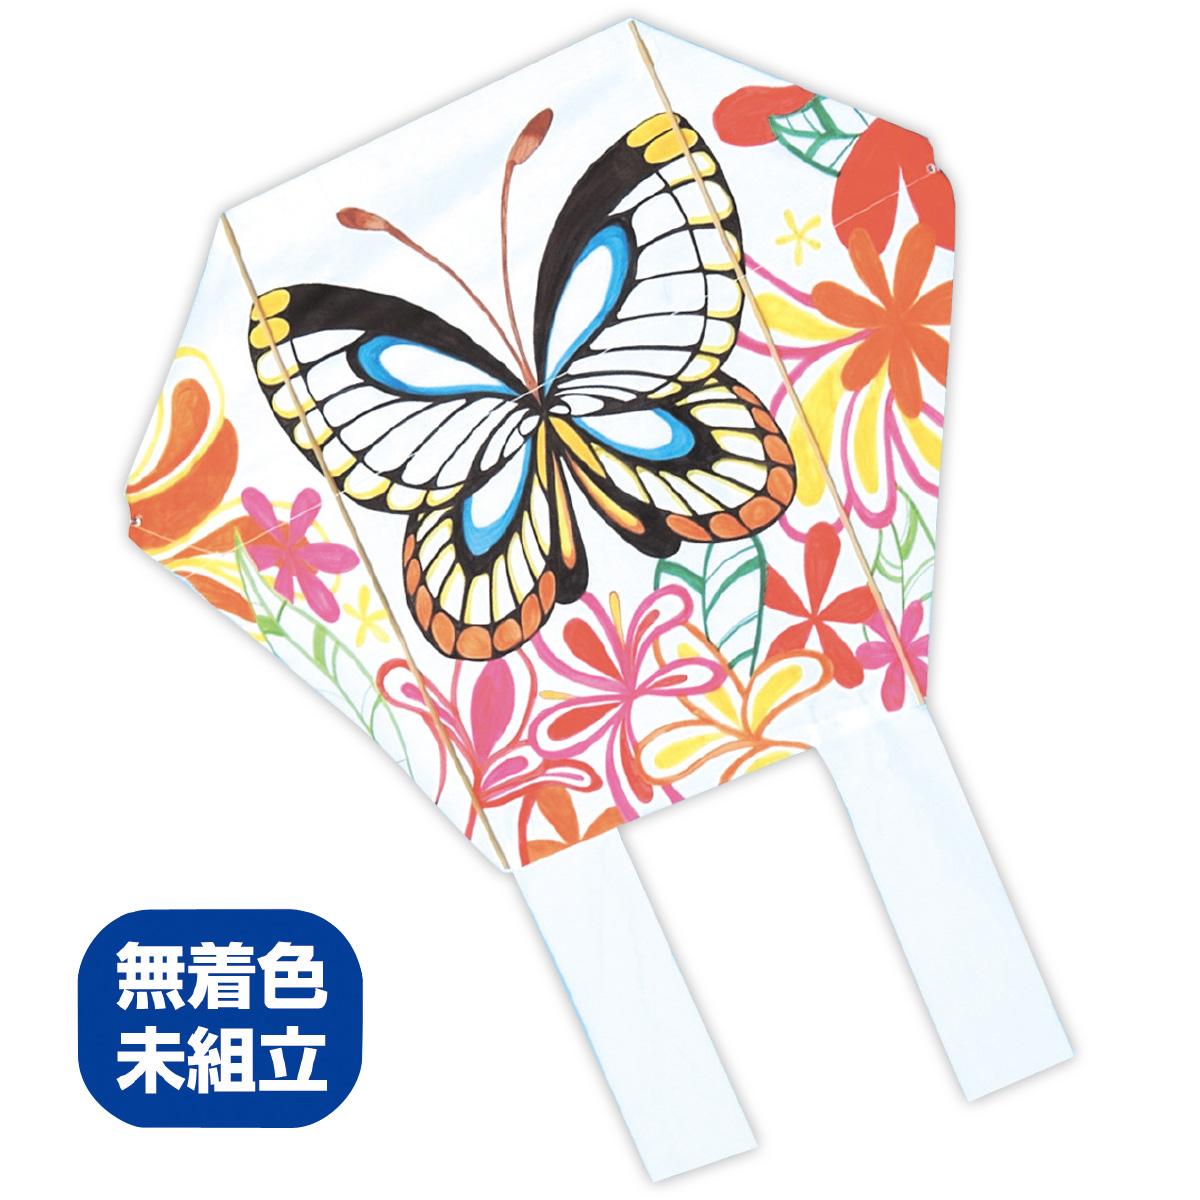 凧 ぐにゃぐにゃ凧 ビニール製 知育玩具 教育 正月 凧揚げ